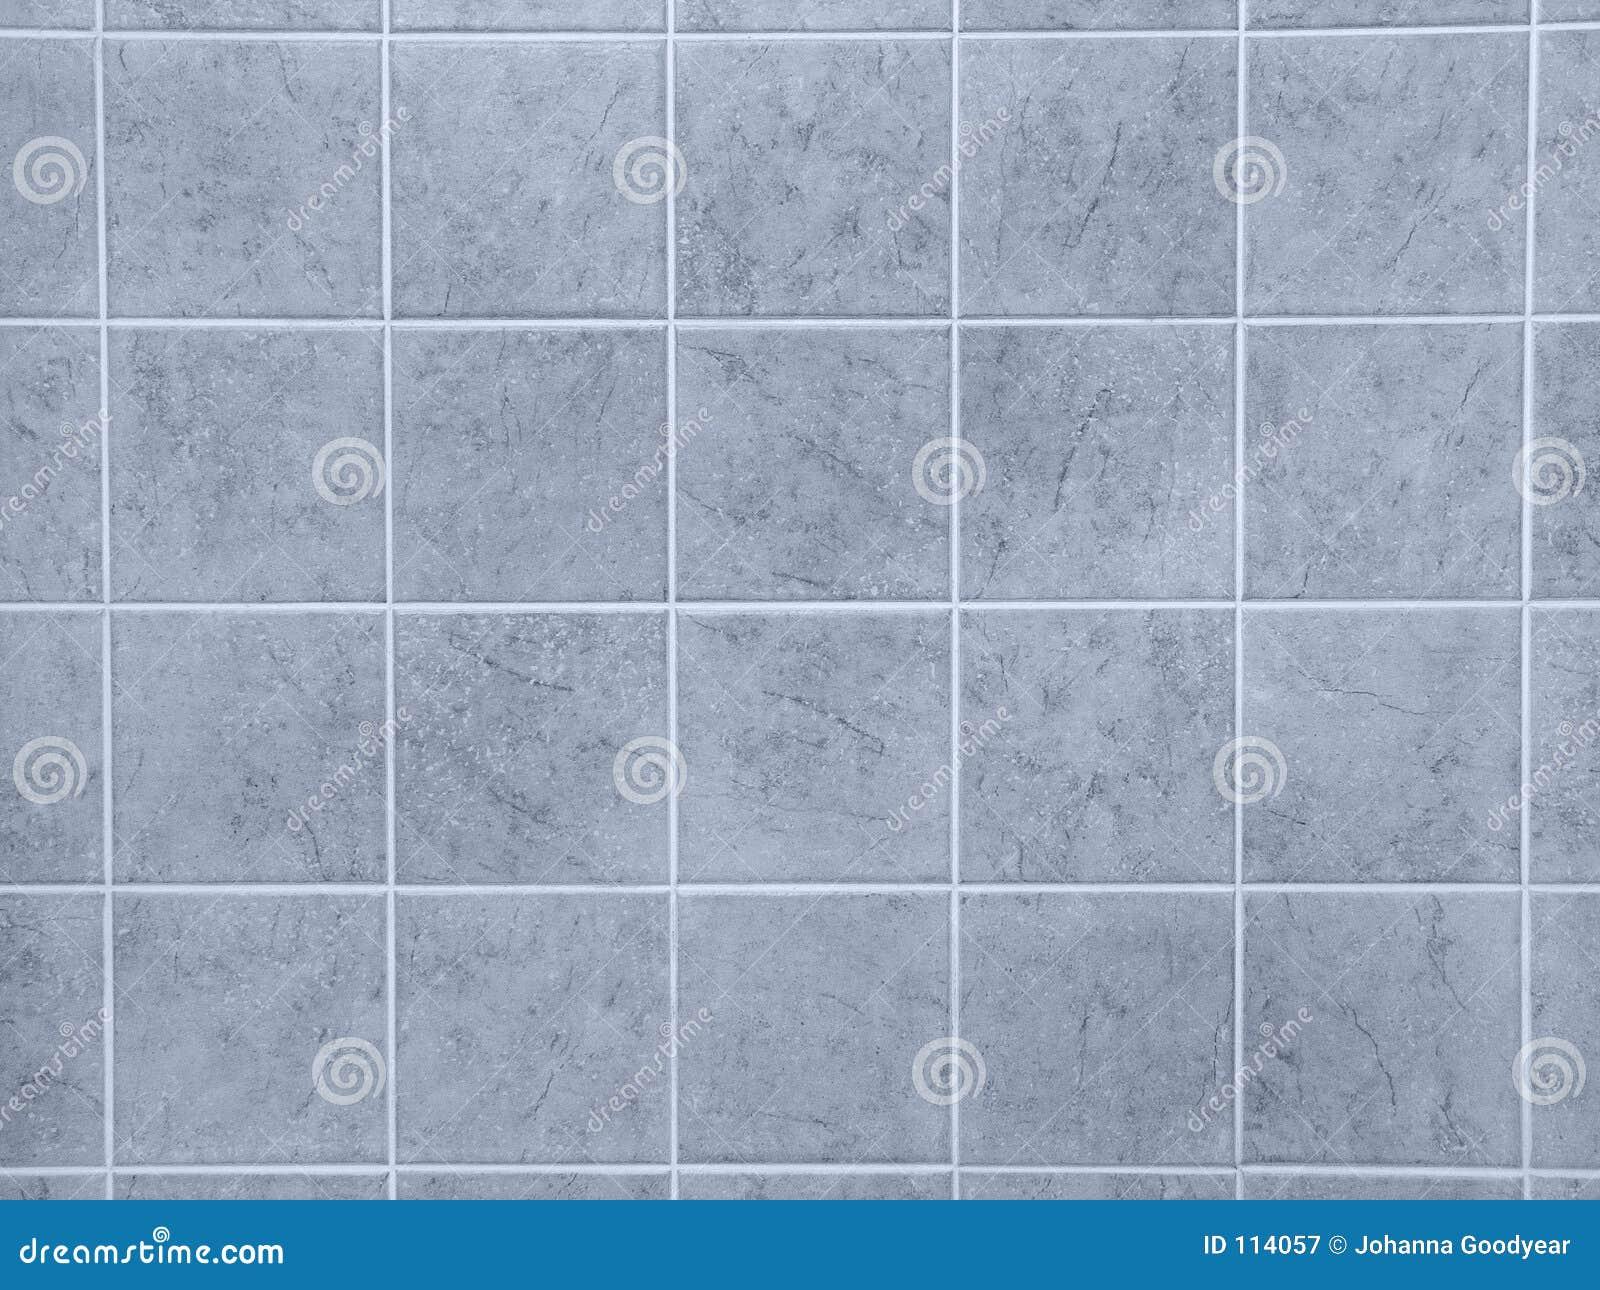 blaue fliesen stockbild bild von haushalt kleber waschraum 114057. Black Bedroom Furniture Sets. Home Design Ideas